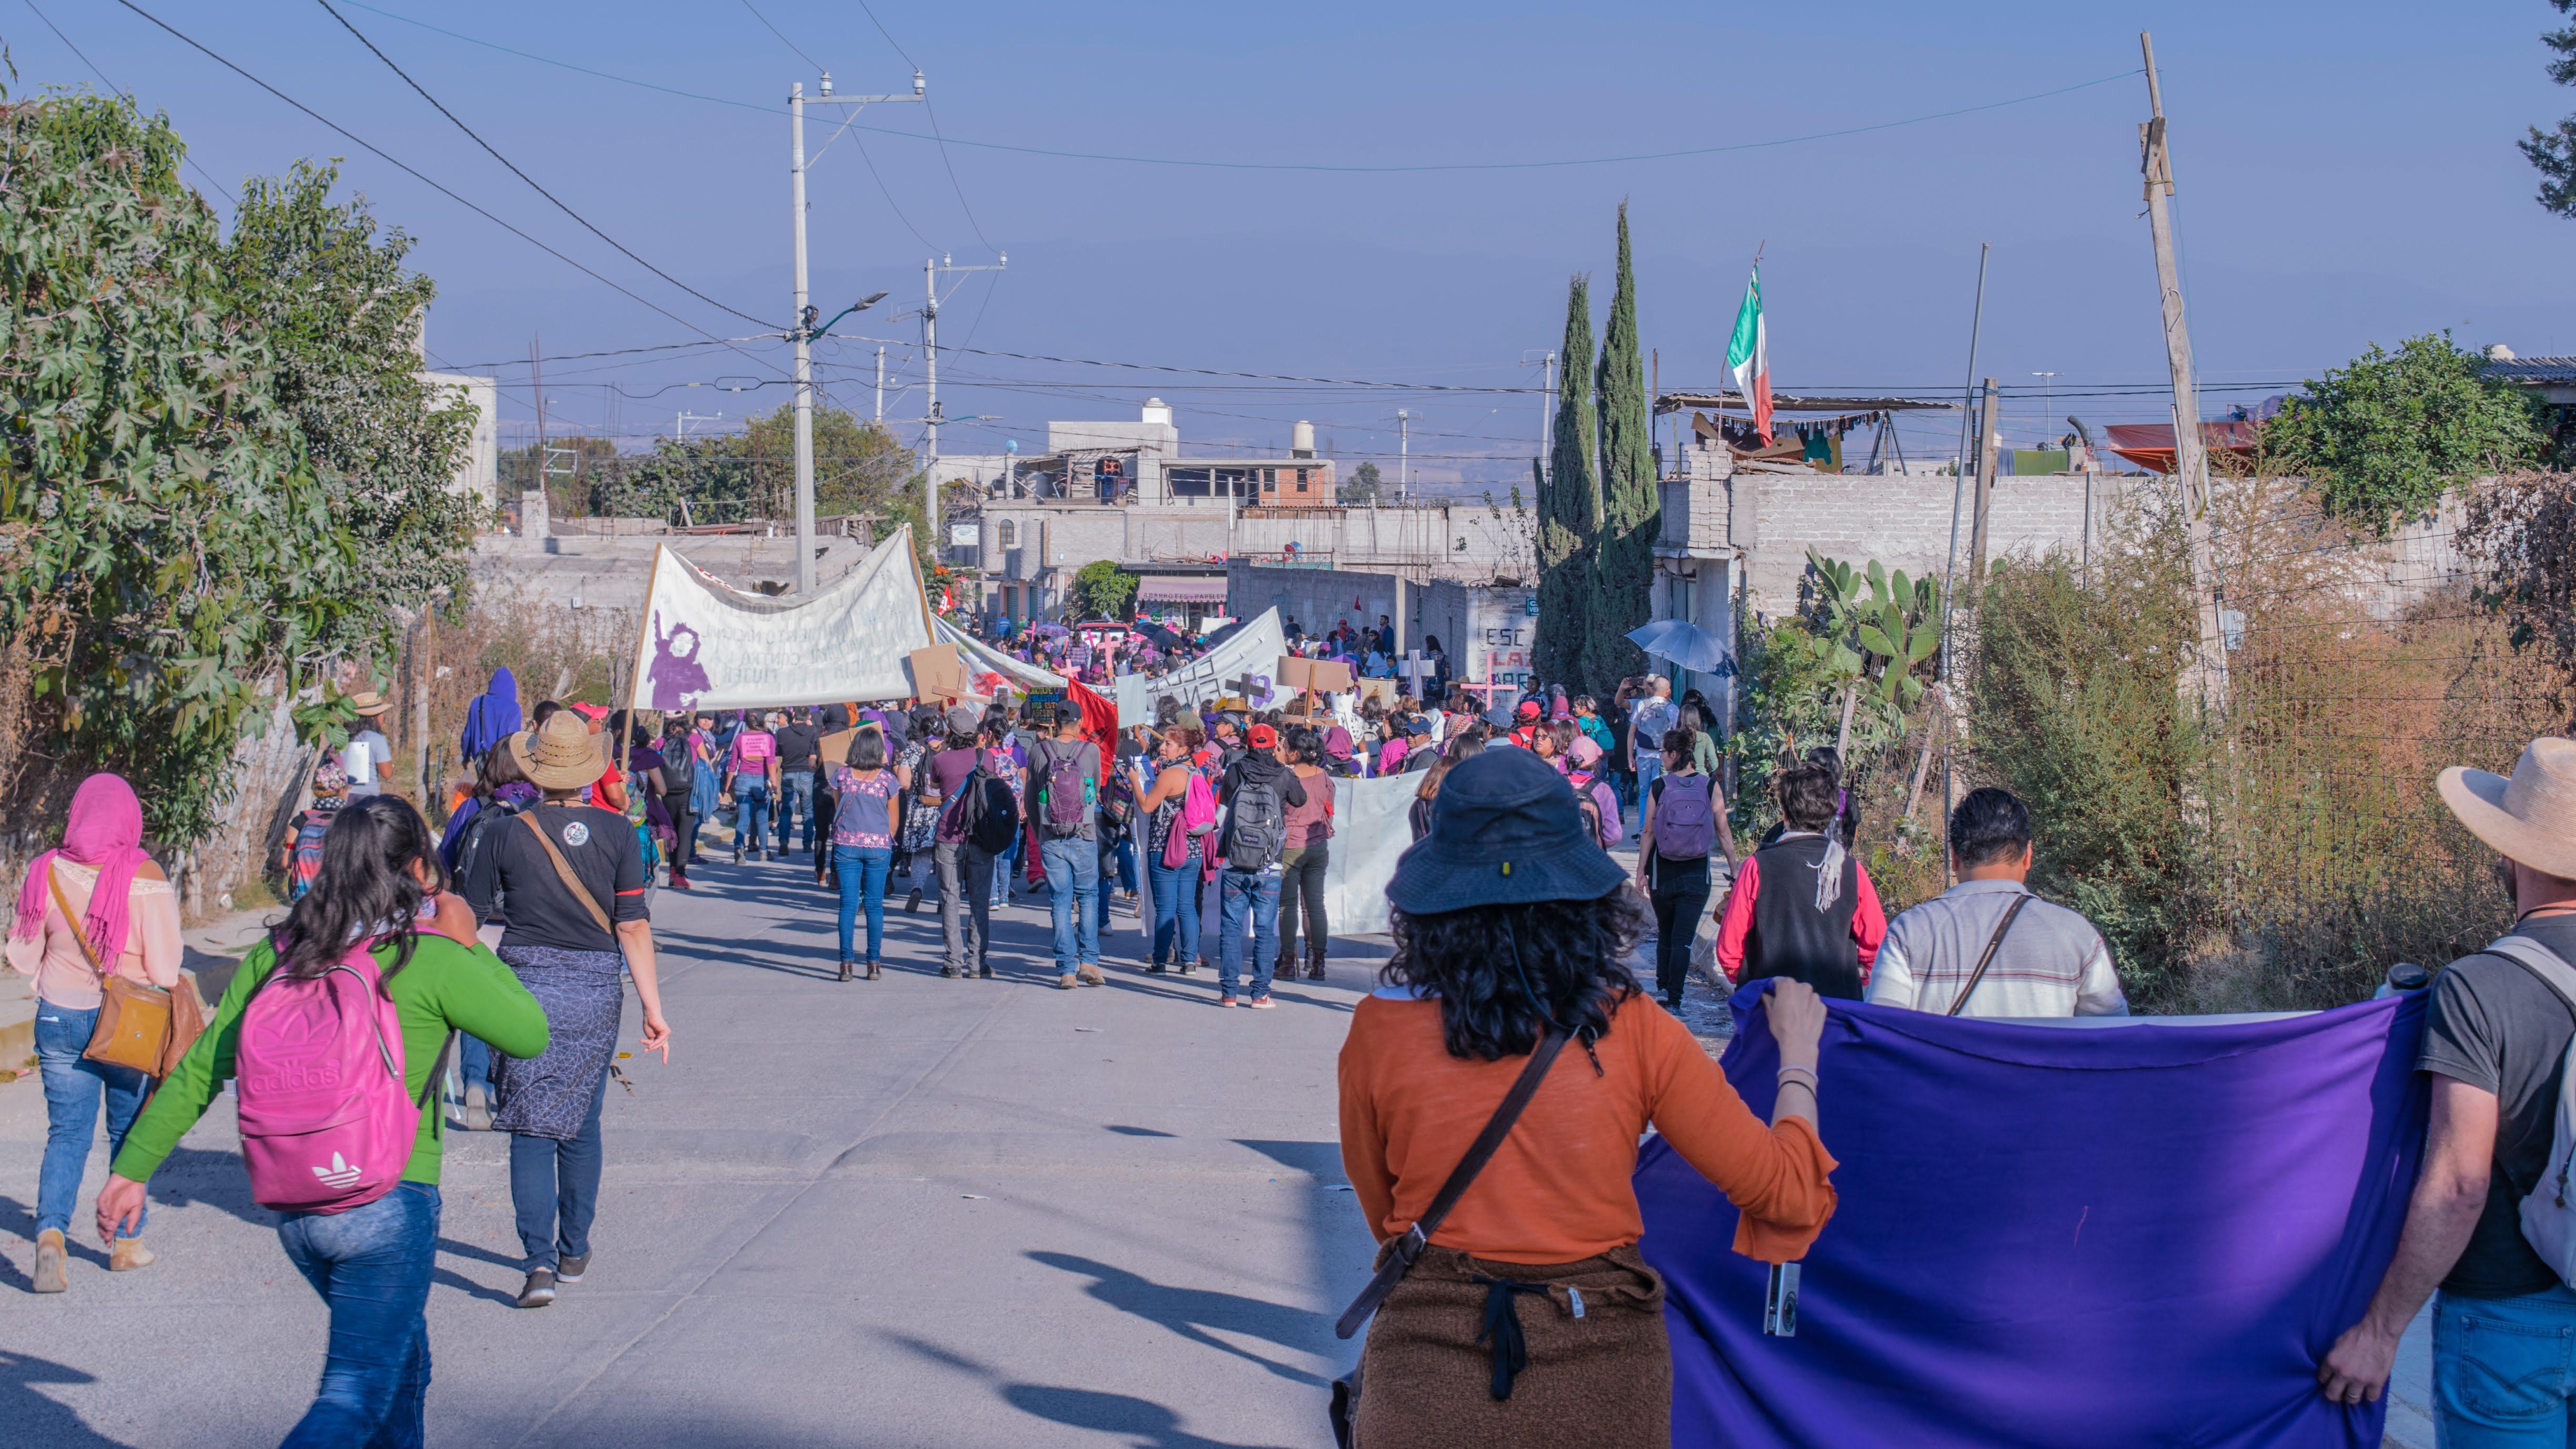 La frontera feminicida: una realidad entre el Edomex y la CDMX